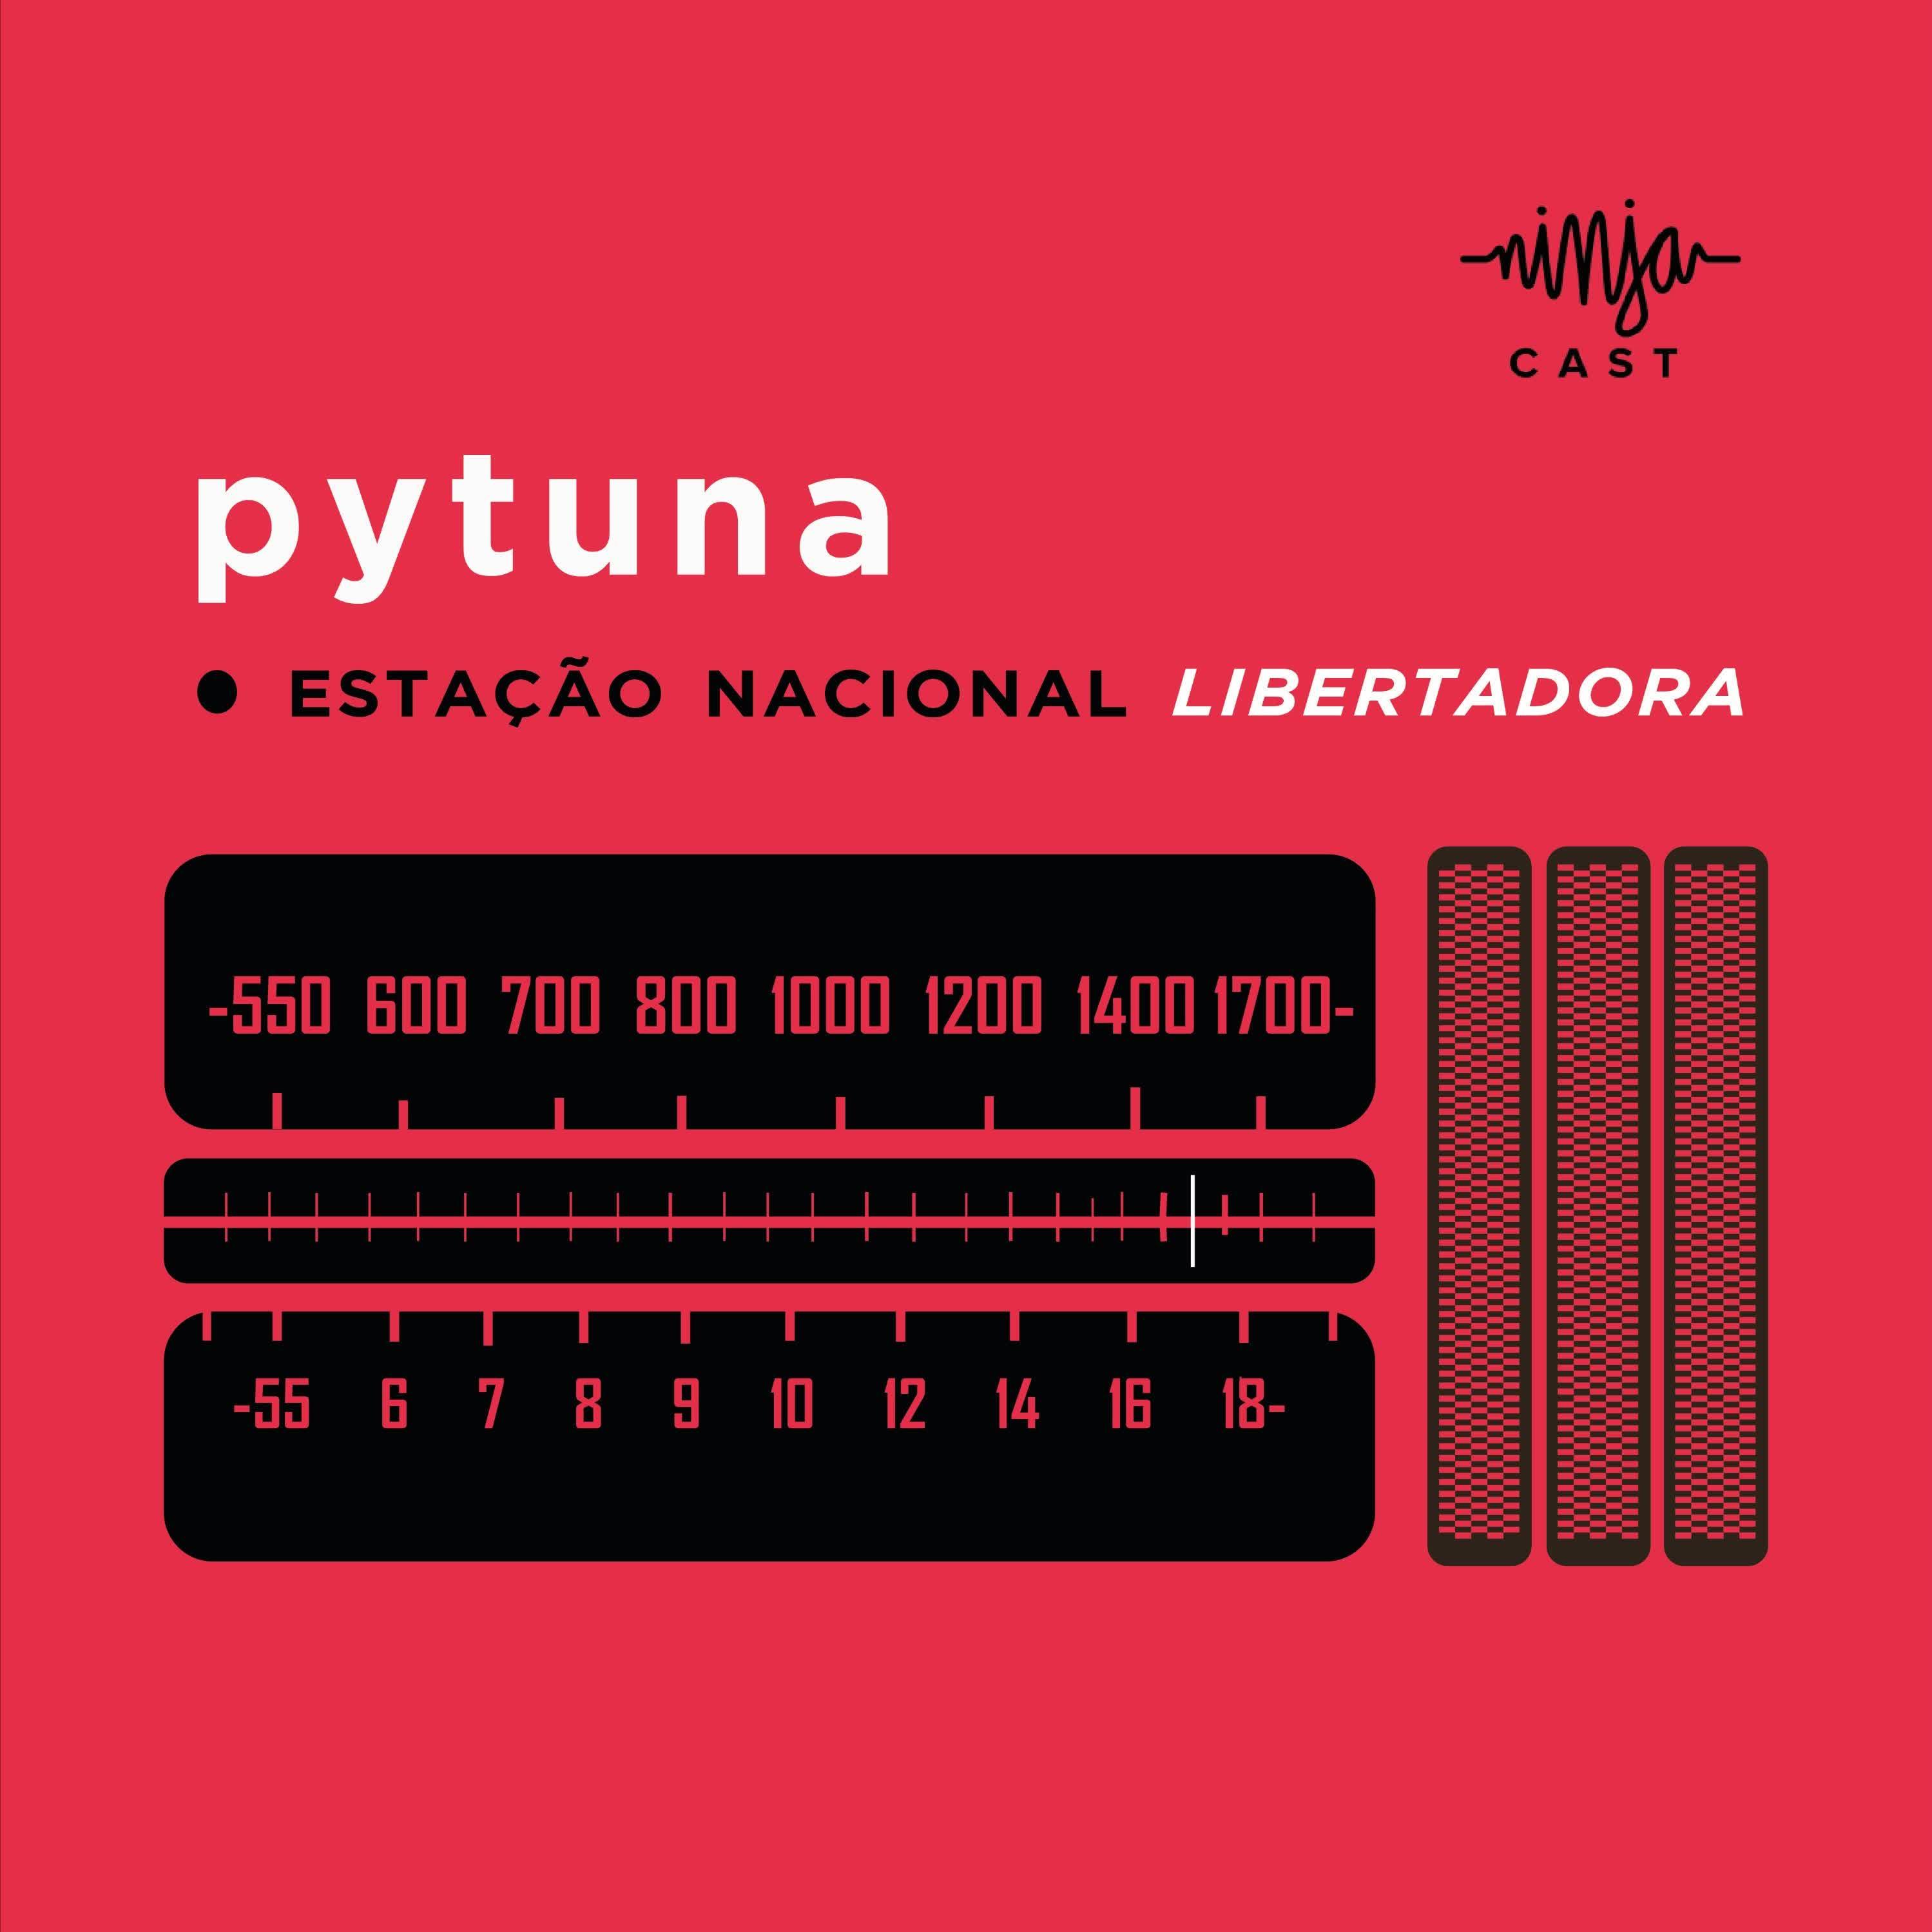 Pytuna - Estação Nacional Libertadora:Mídia Ninja